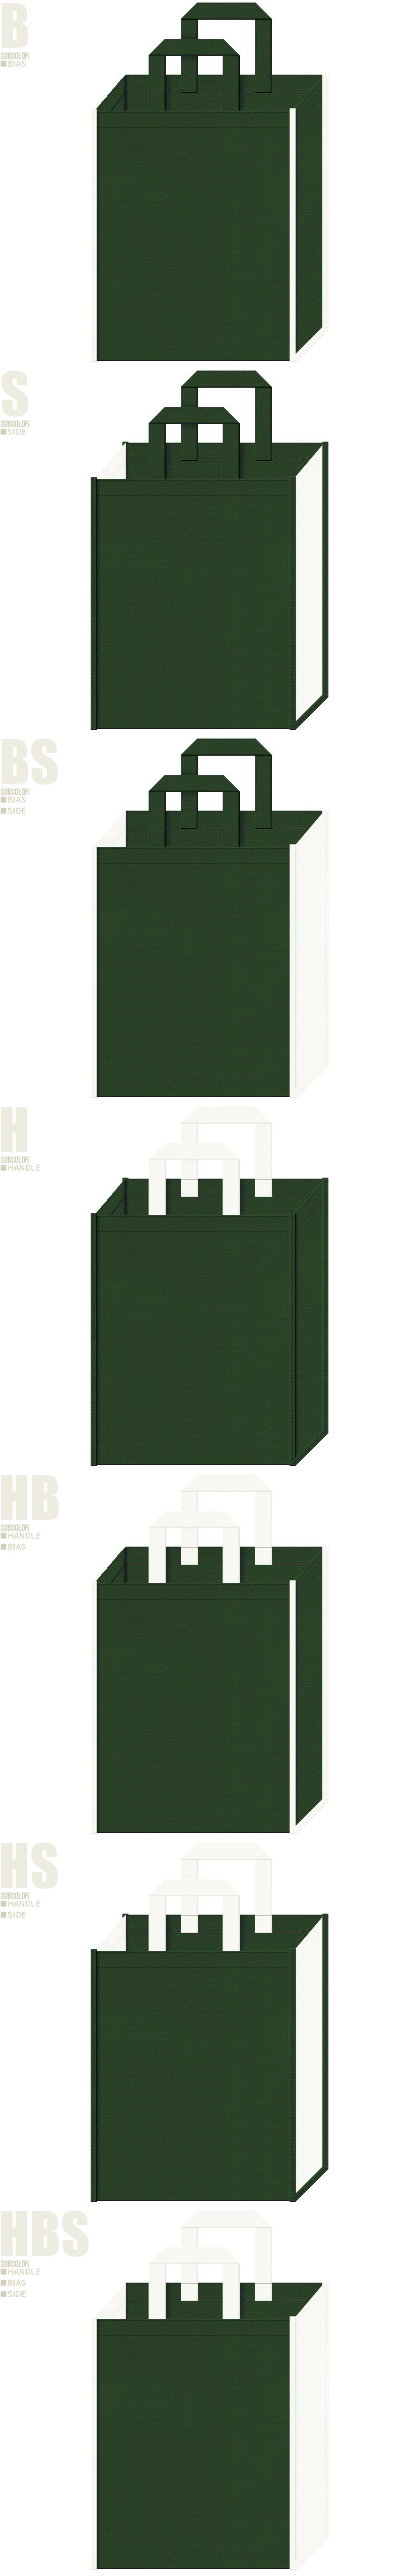 救急用品・薬局・医療器具・製薬・薬剤・医薬品の展示会用バッグにお奨めの不織布バッグデザイン:濃緑色とオフホワイト色の不織布バッグ配色7パターン。